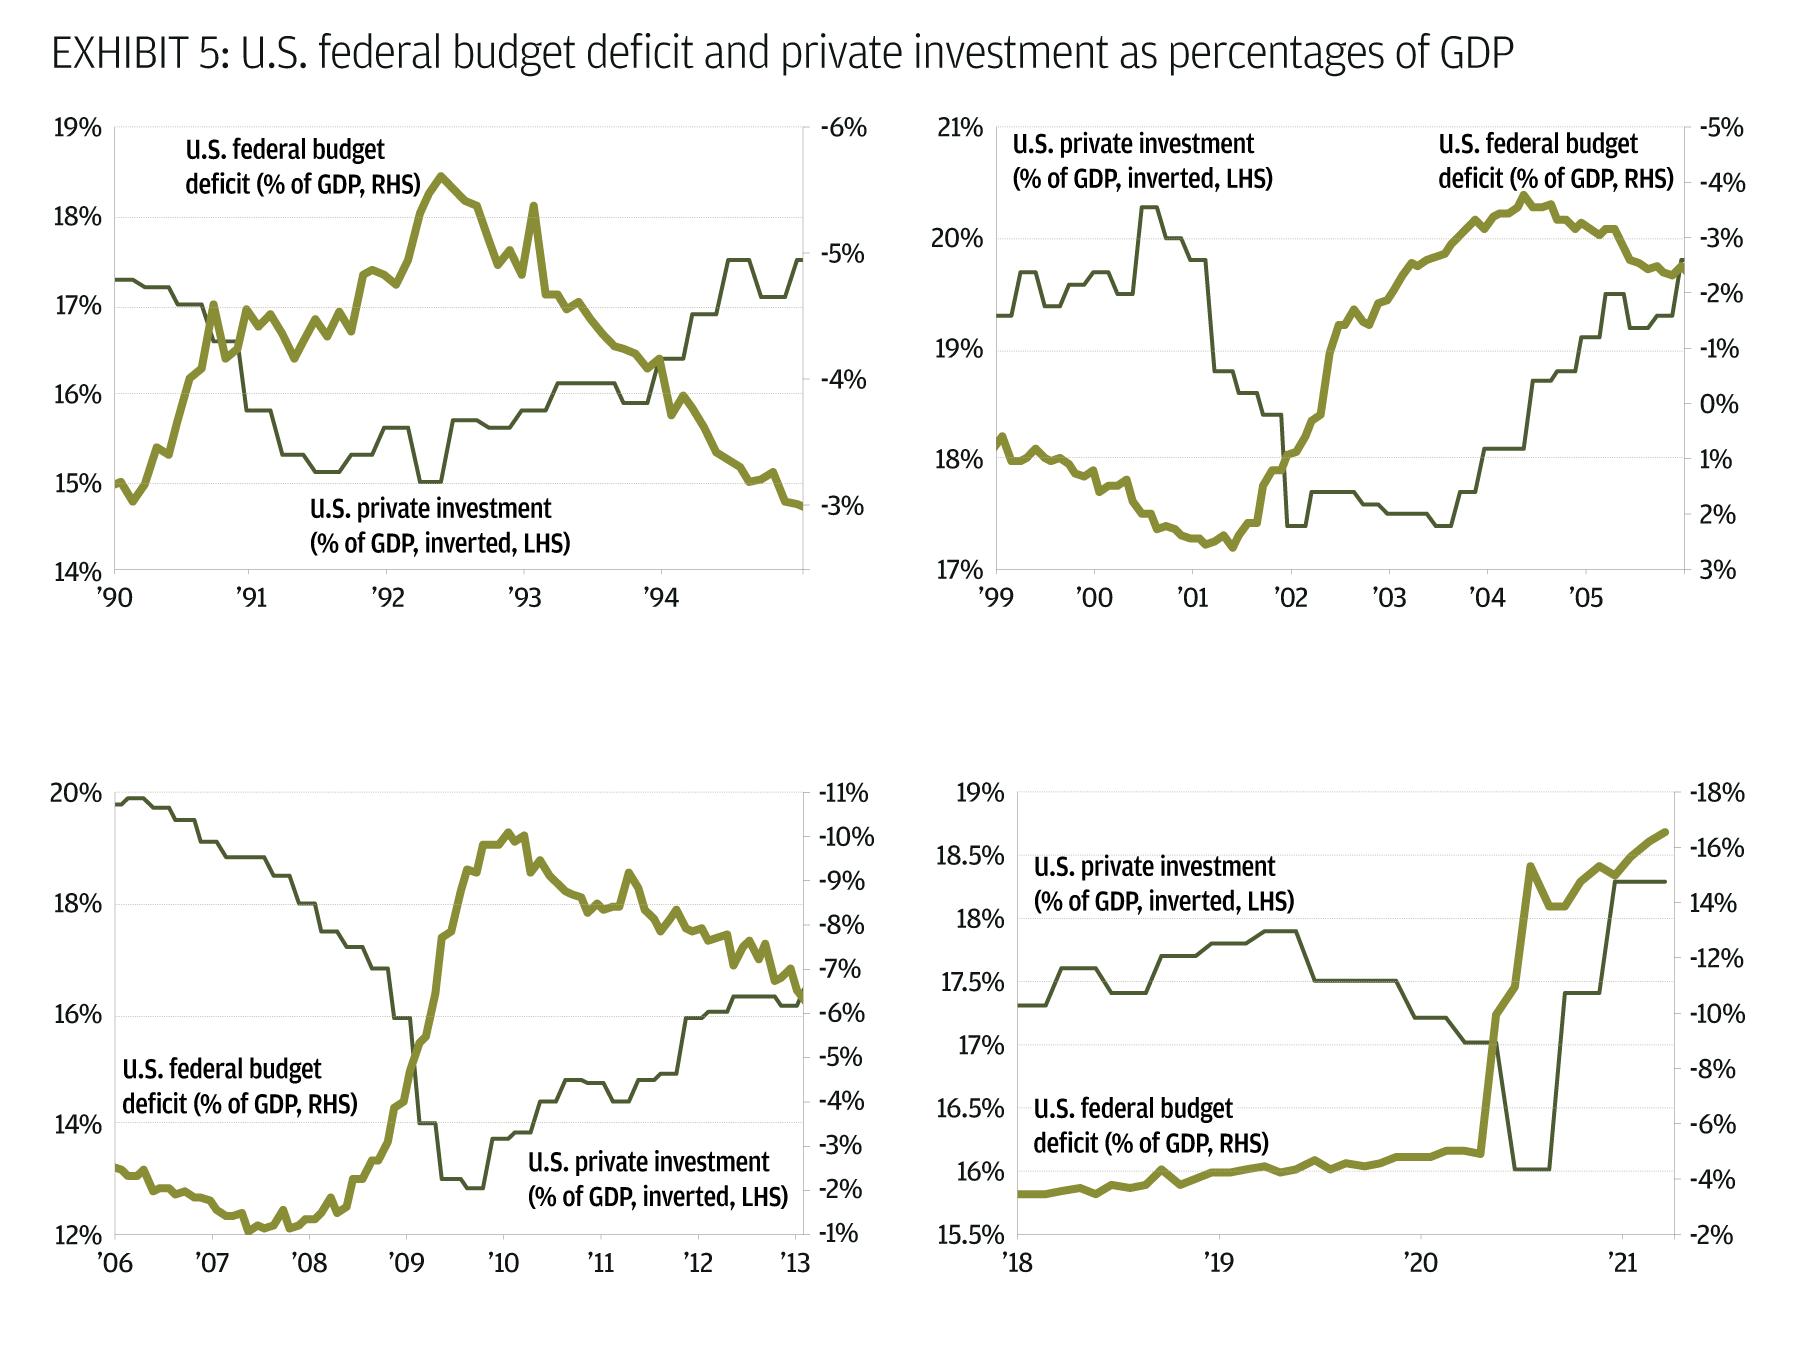 U.S. federal budget deficit